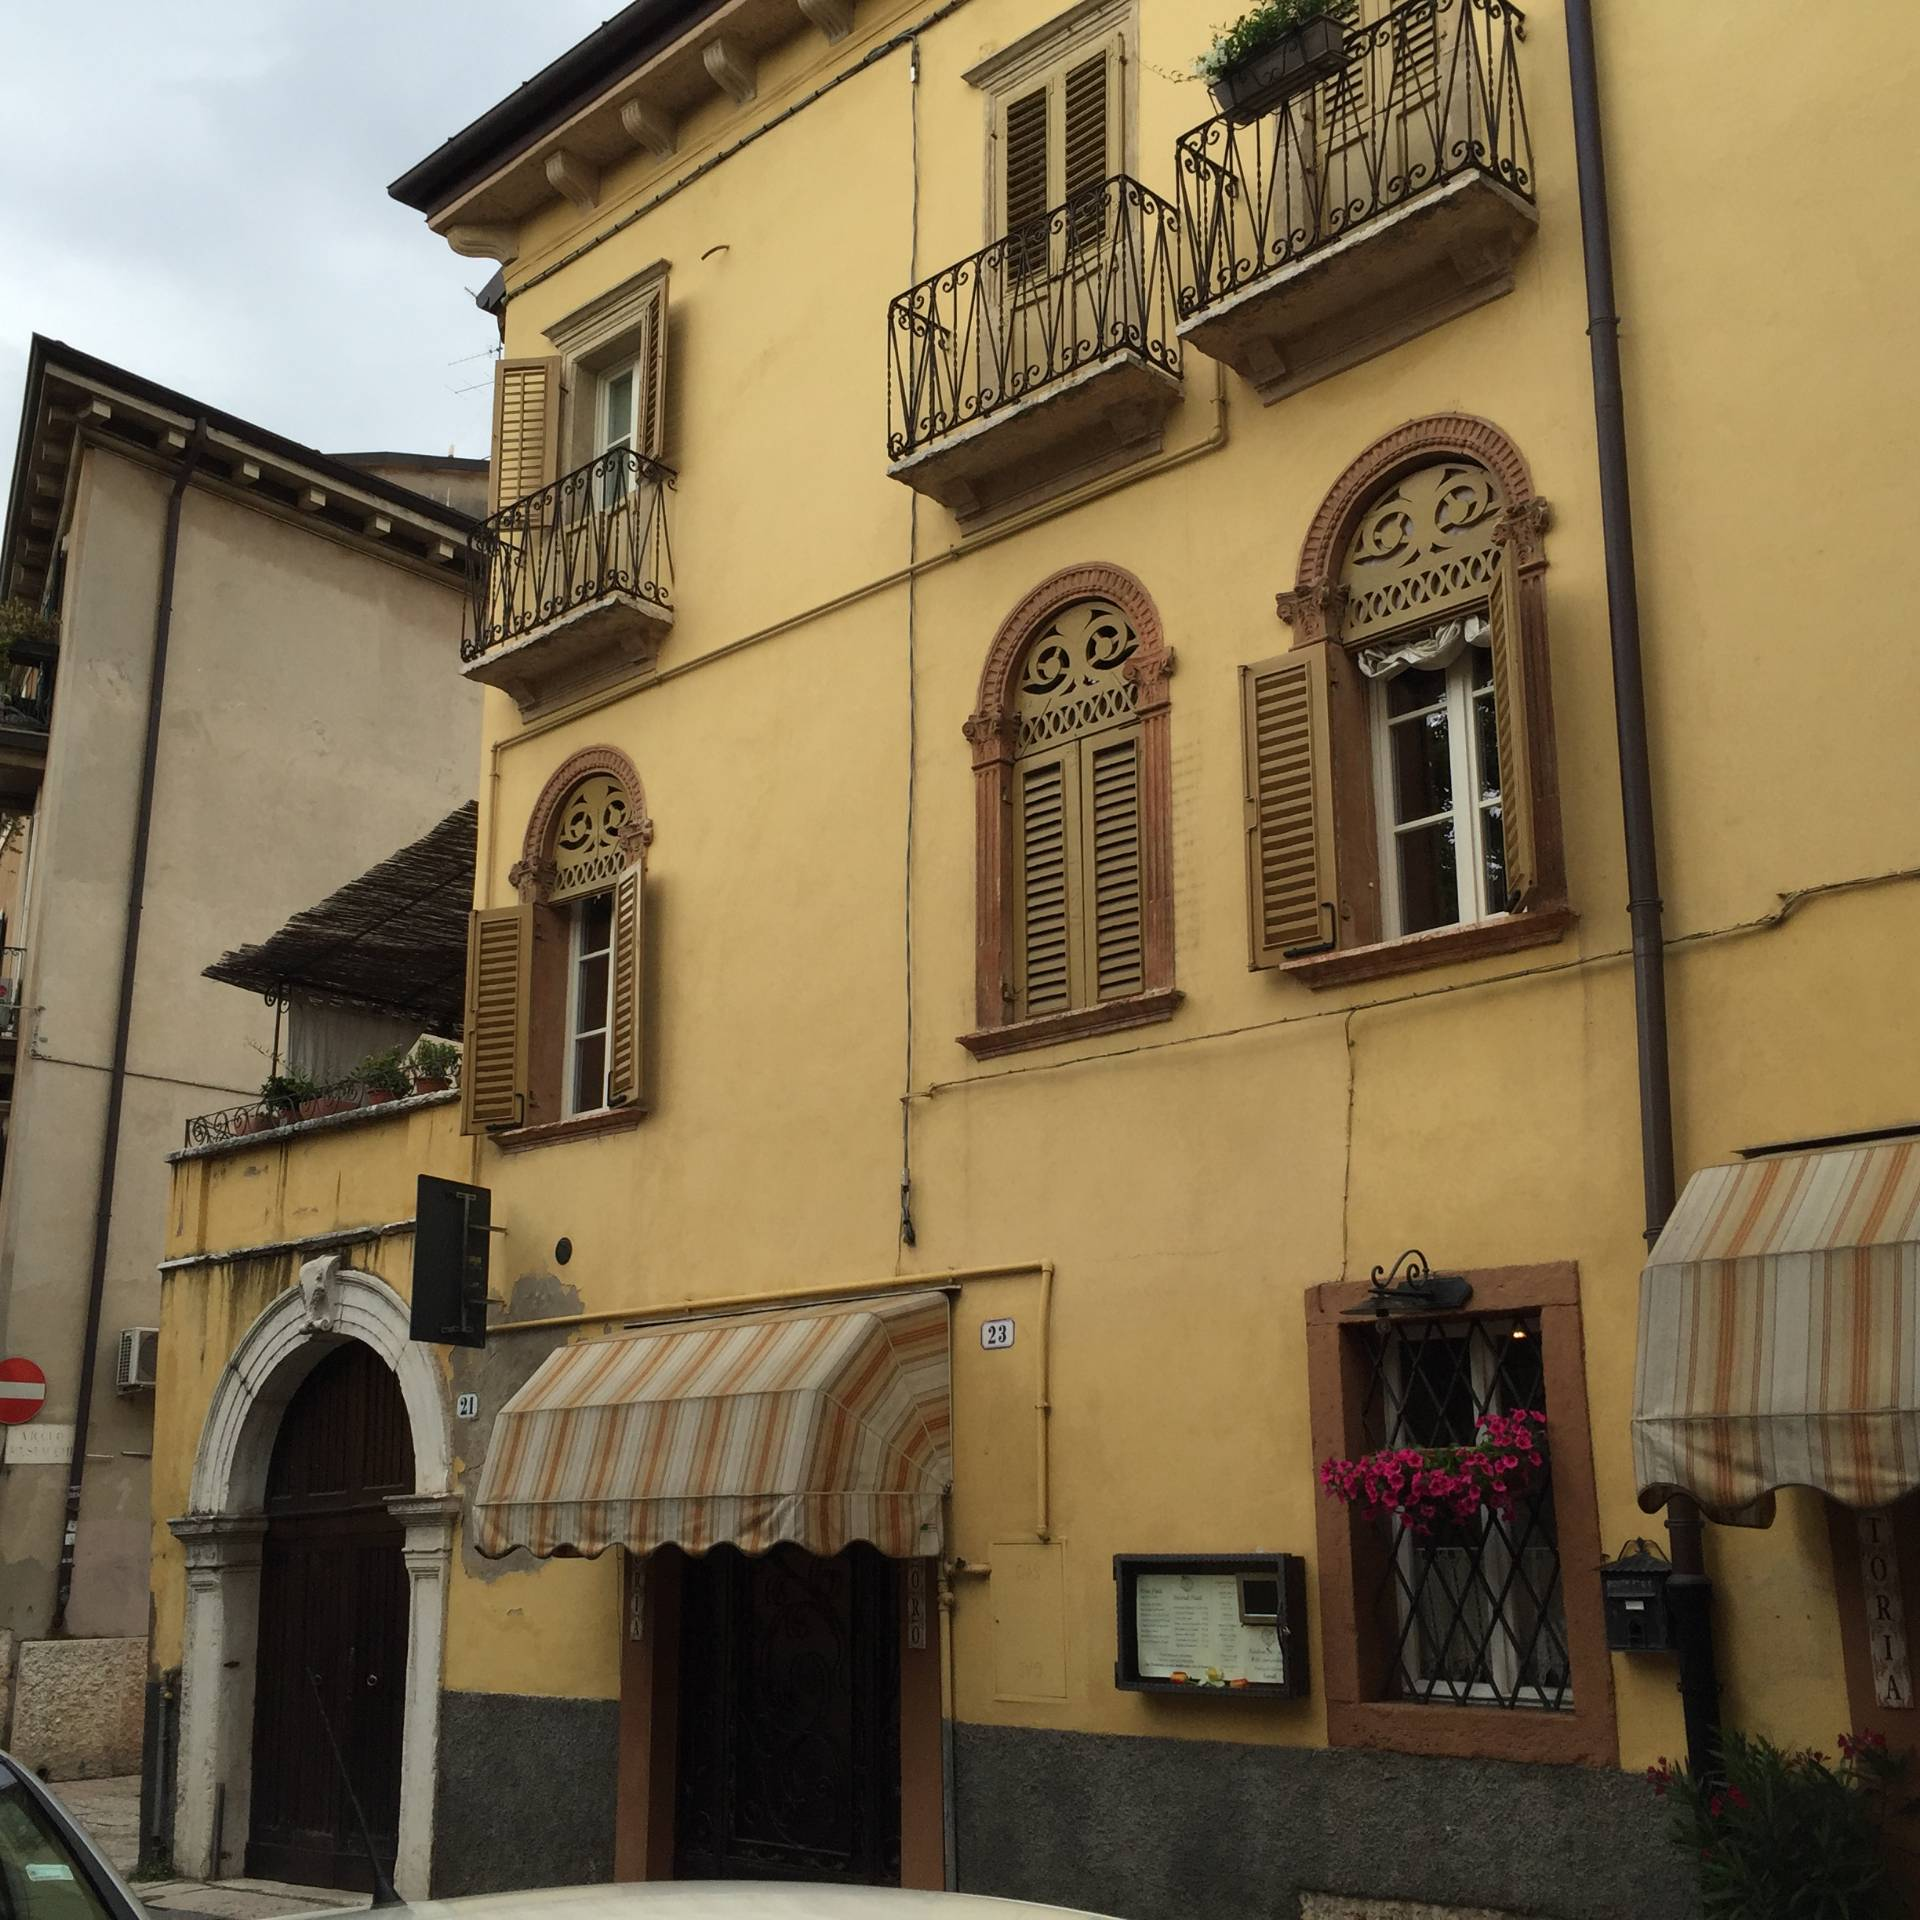 Appartamento in affitto a Verona, 2 locali, zona Zona: 2 . Veronetta, prezzo € 550 | CambioCasa.it